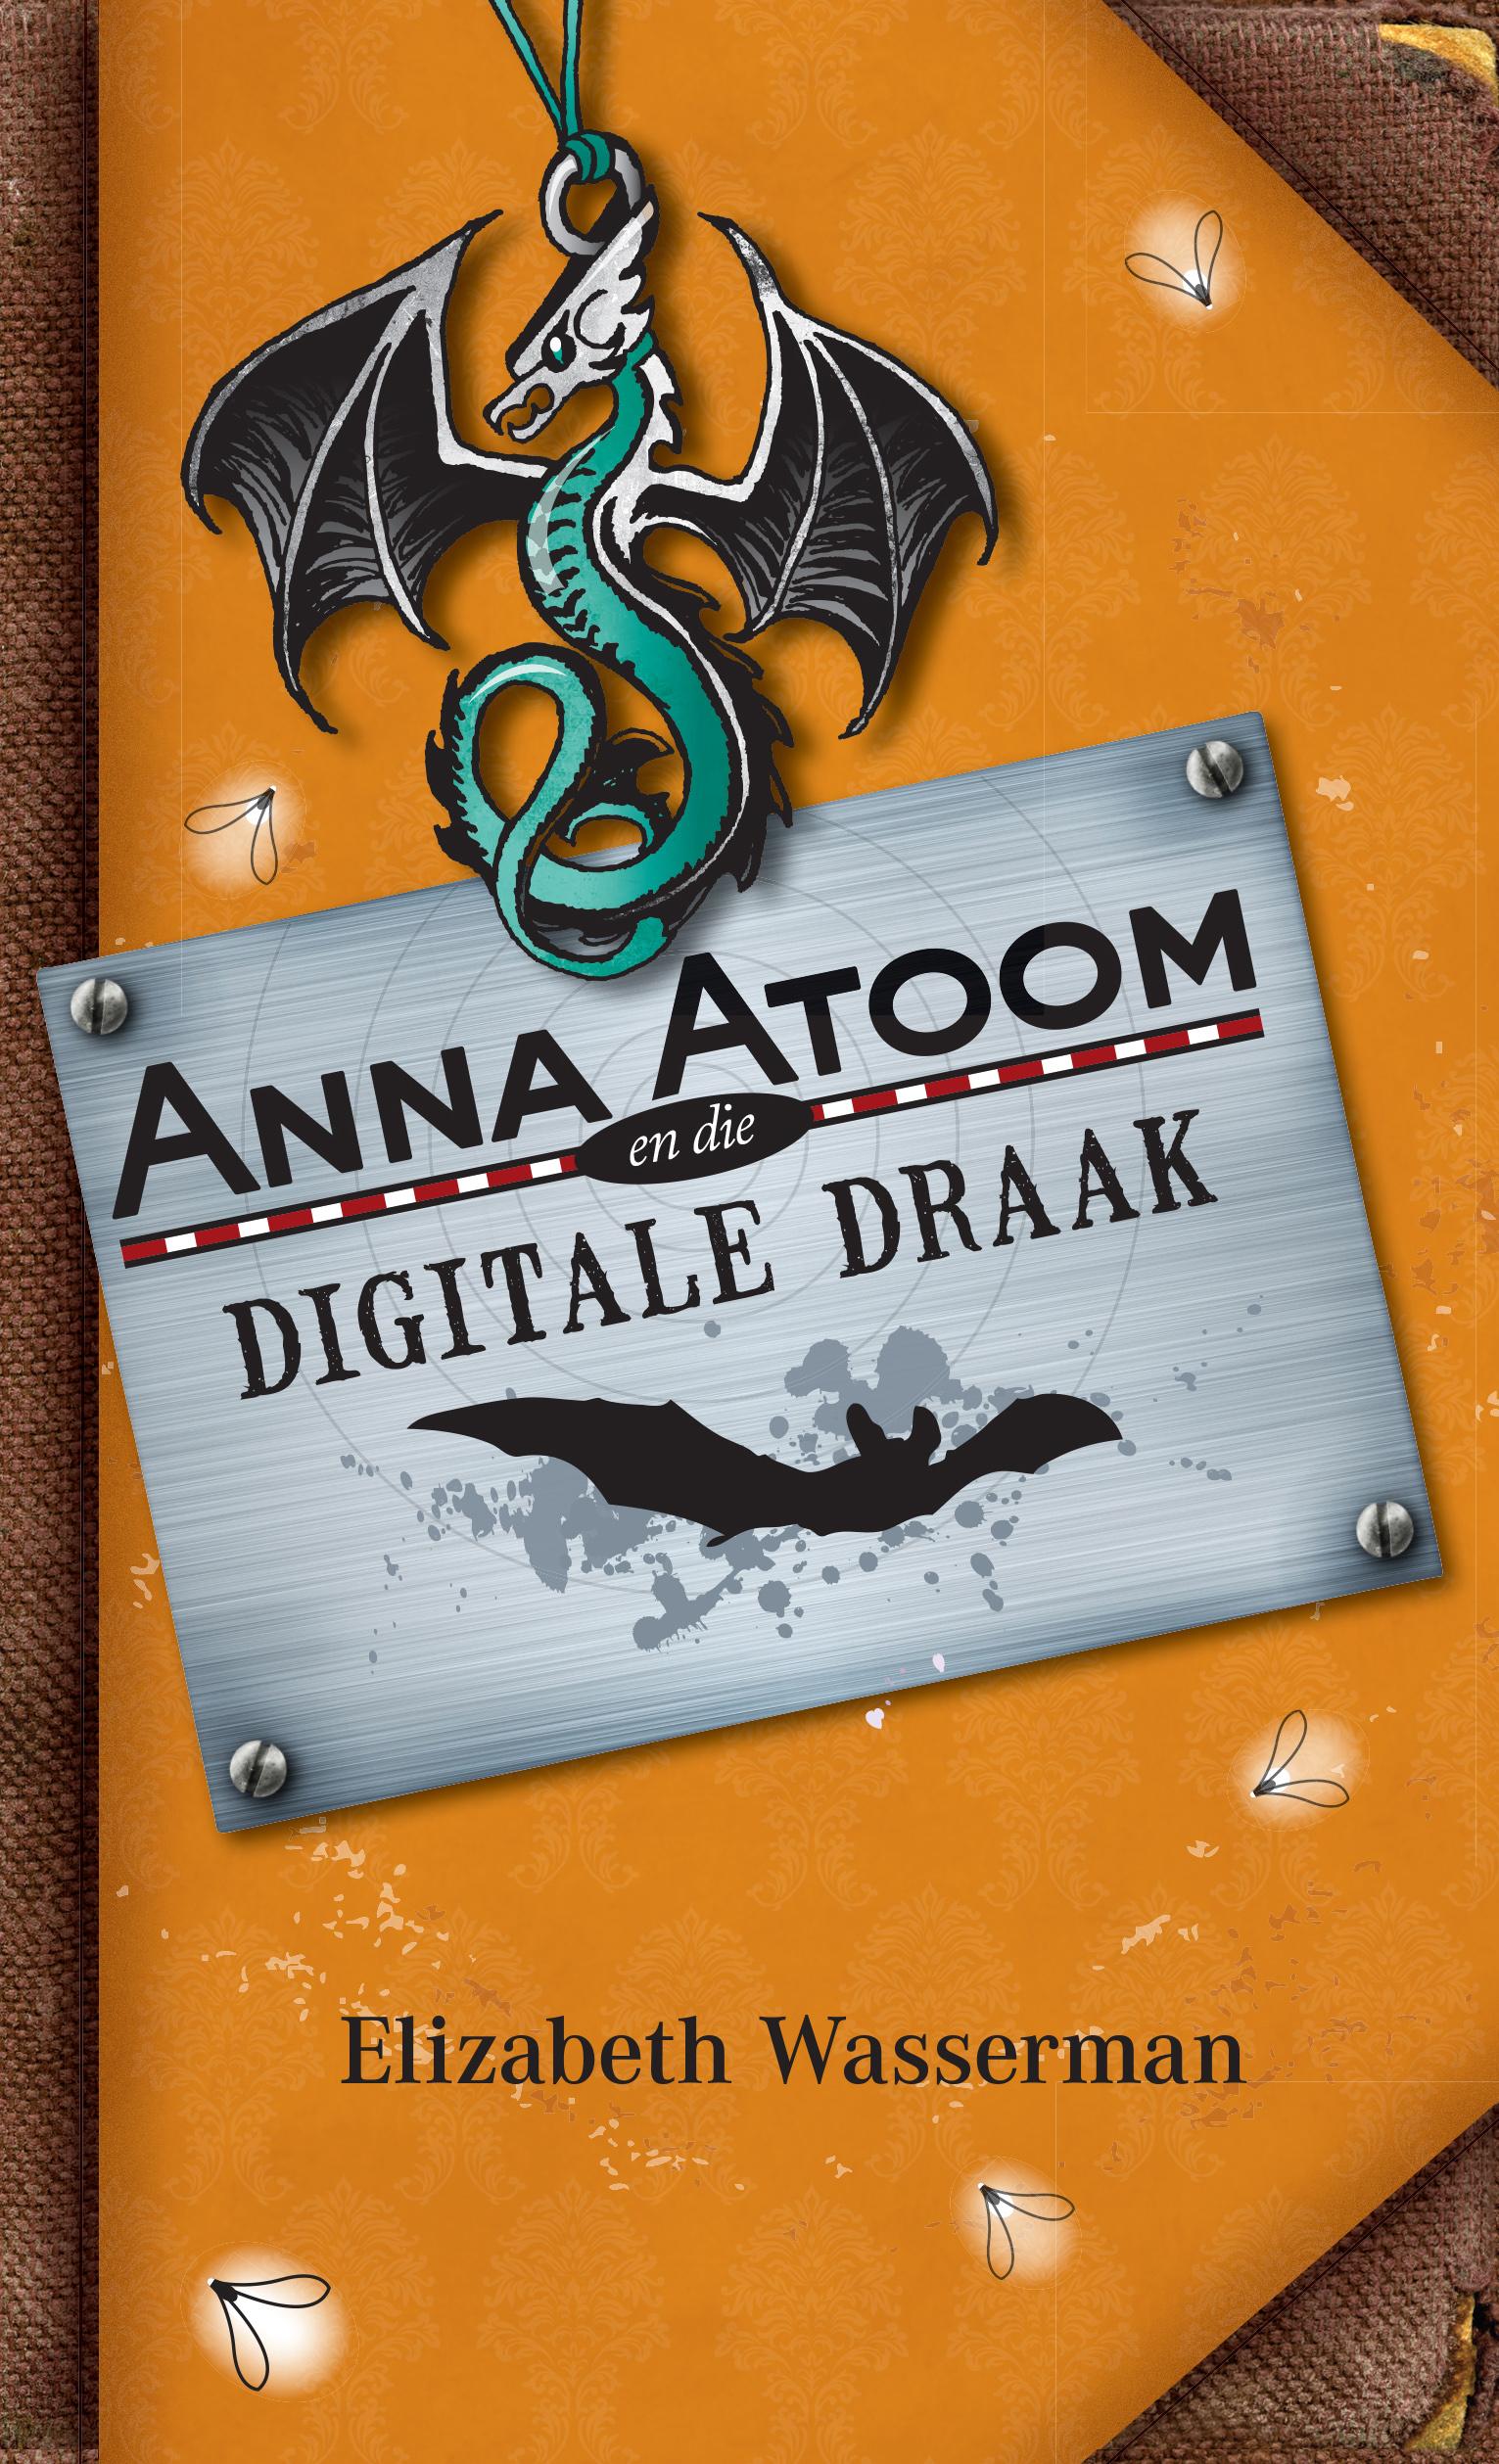 Picture of Anna Atoom en die digitale draak